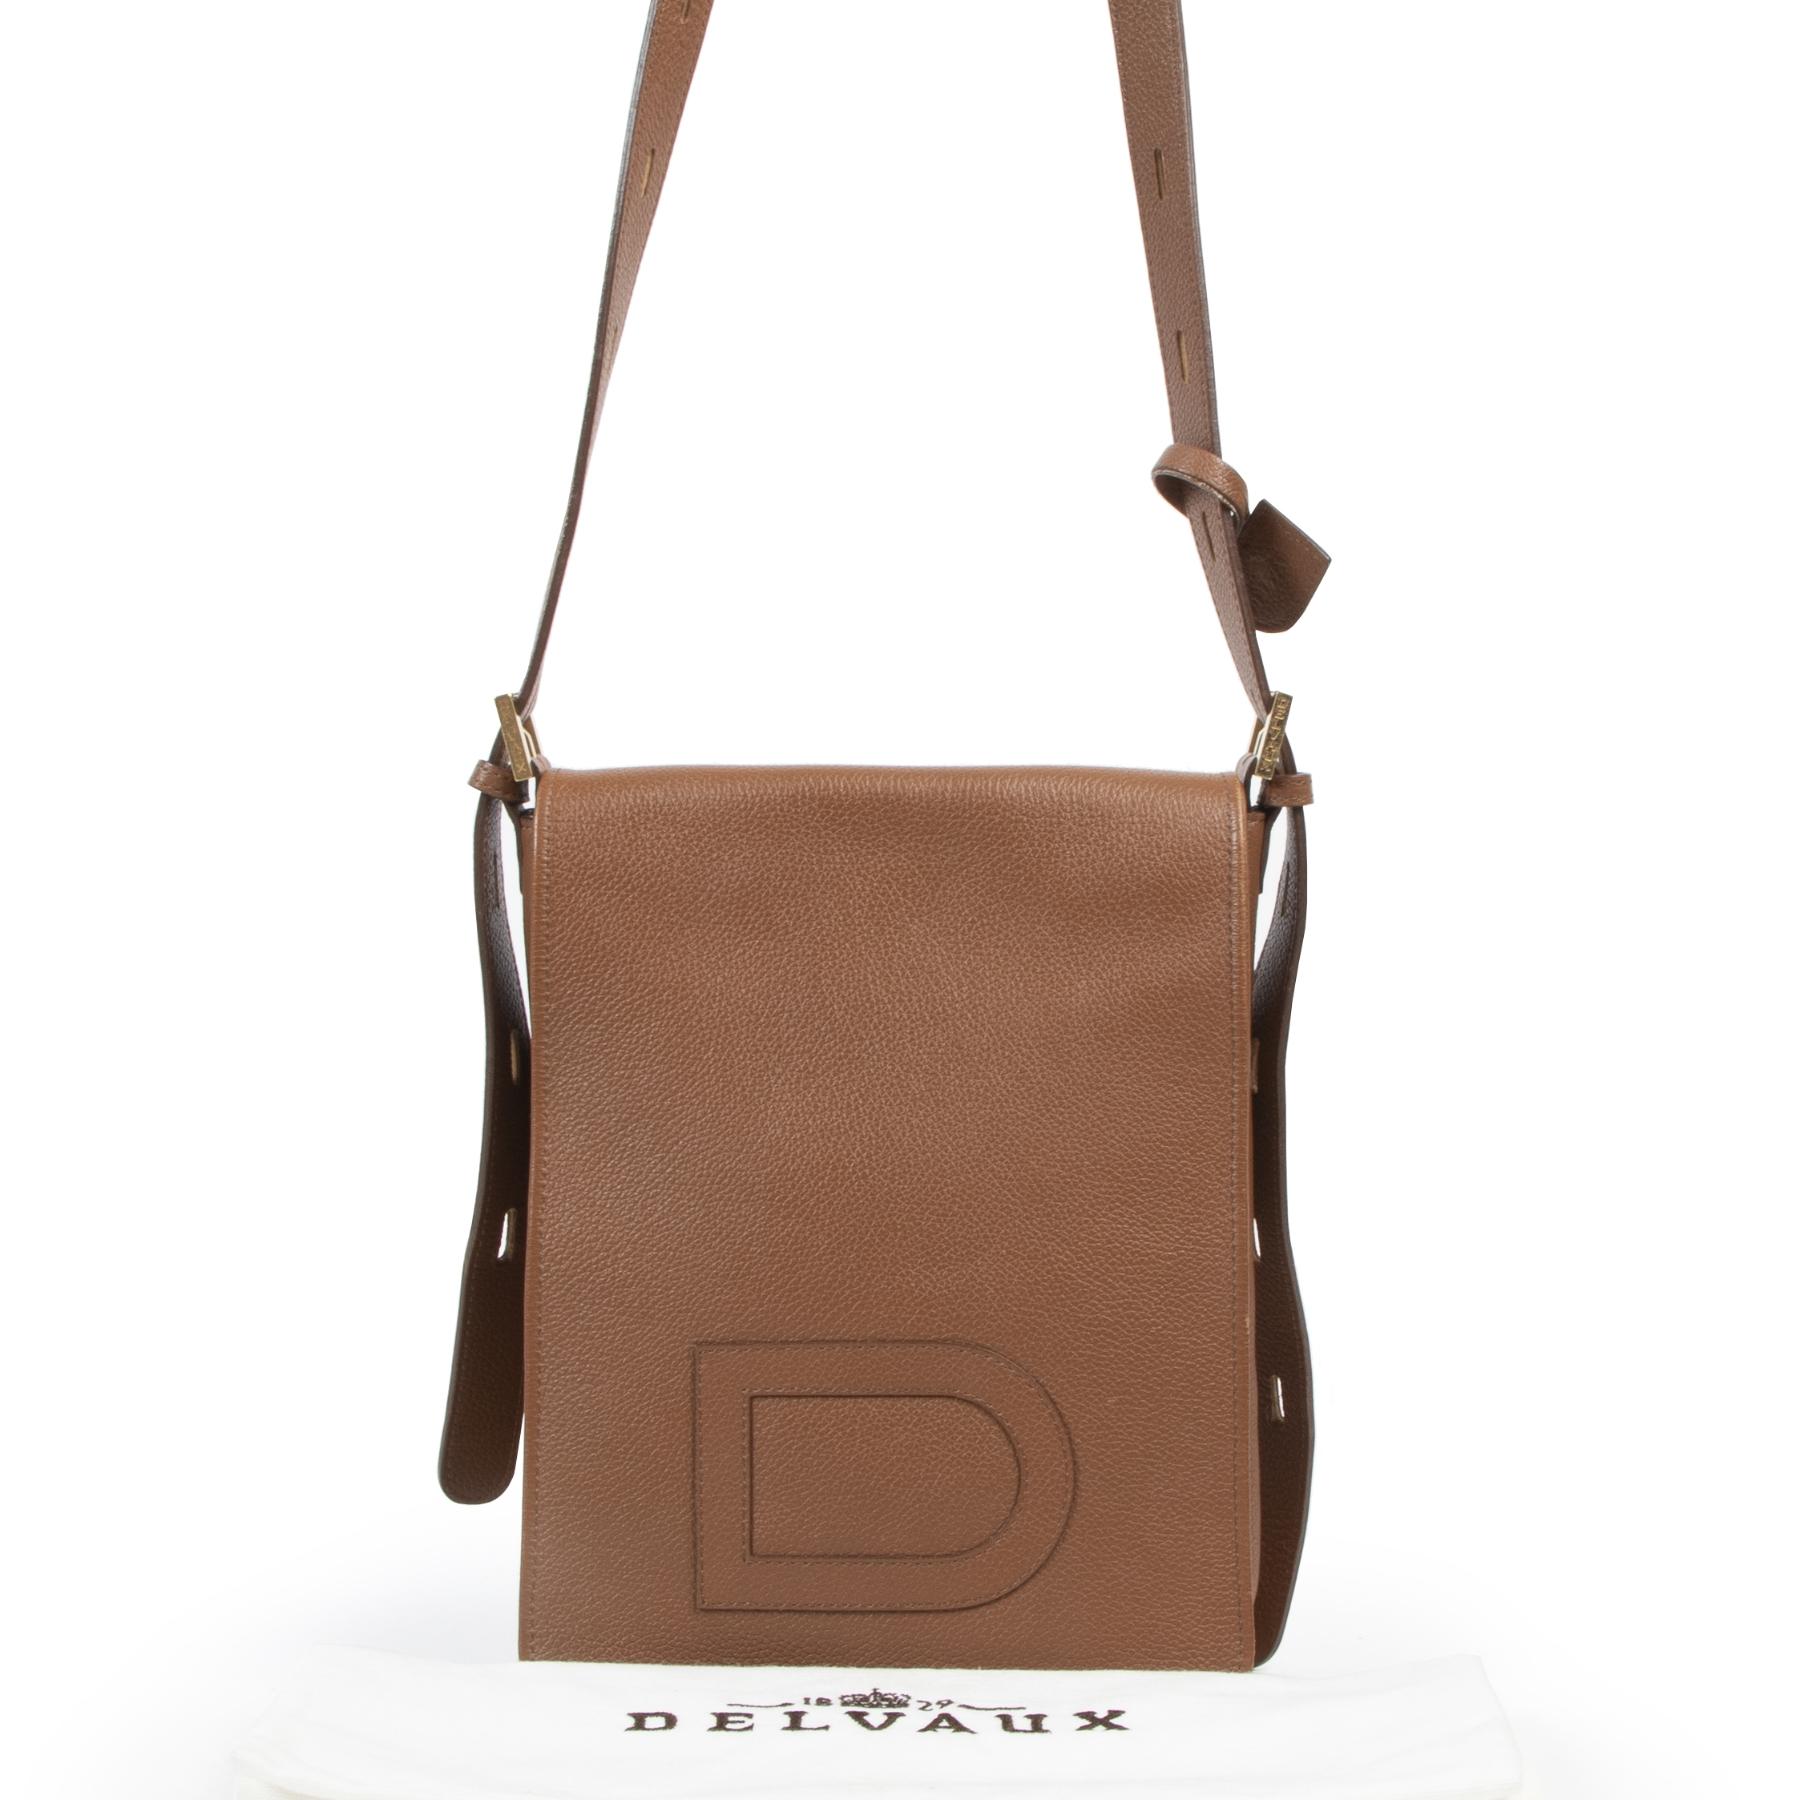 Koop en verkoop uw authentieke designer handtassen online at Labellov secondhand designer bags